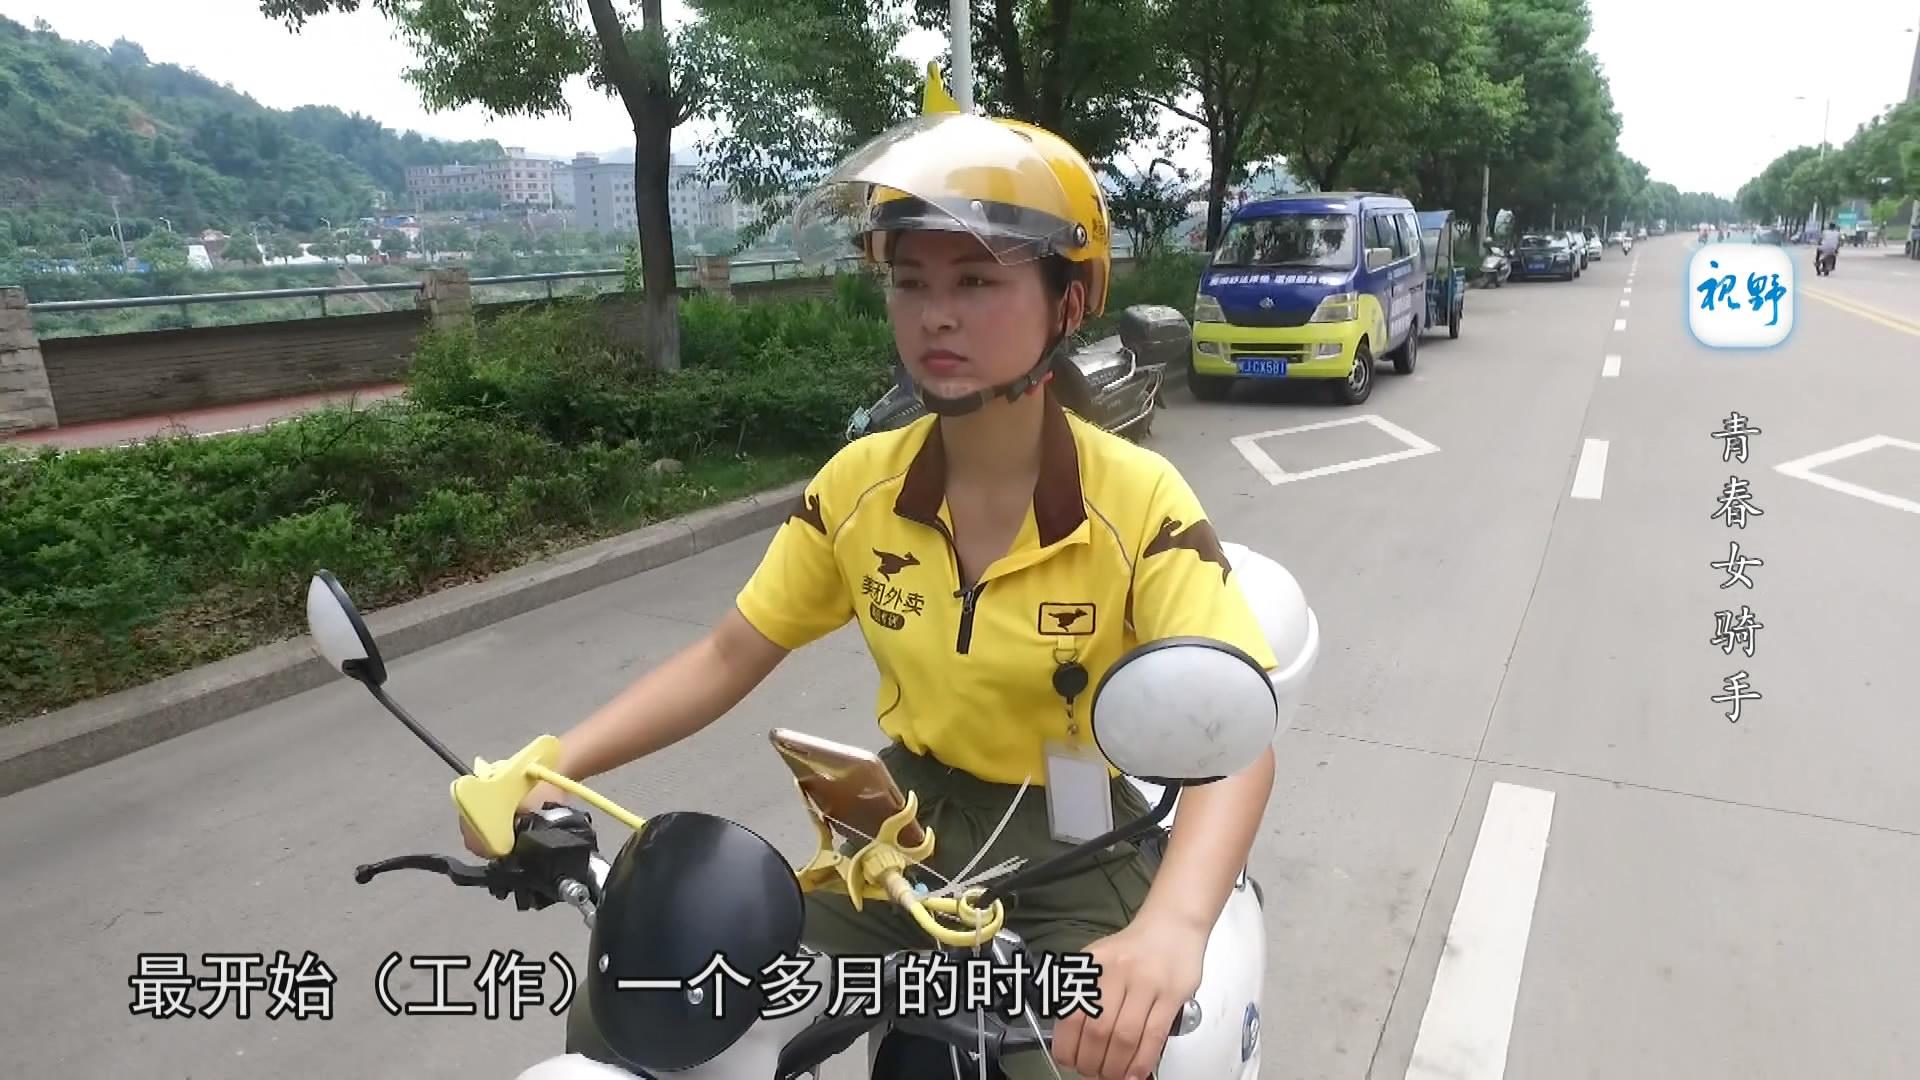 青春女骑手